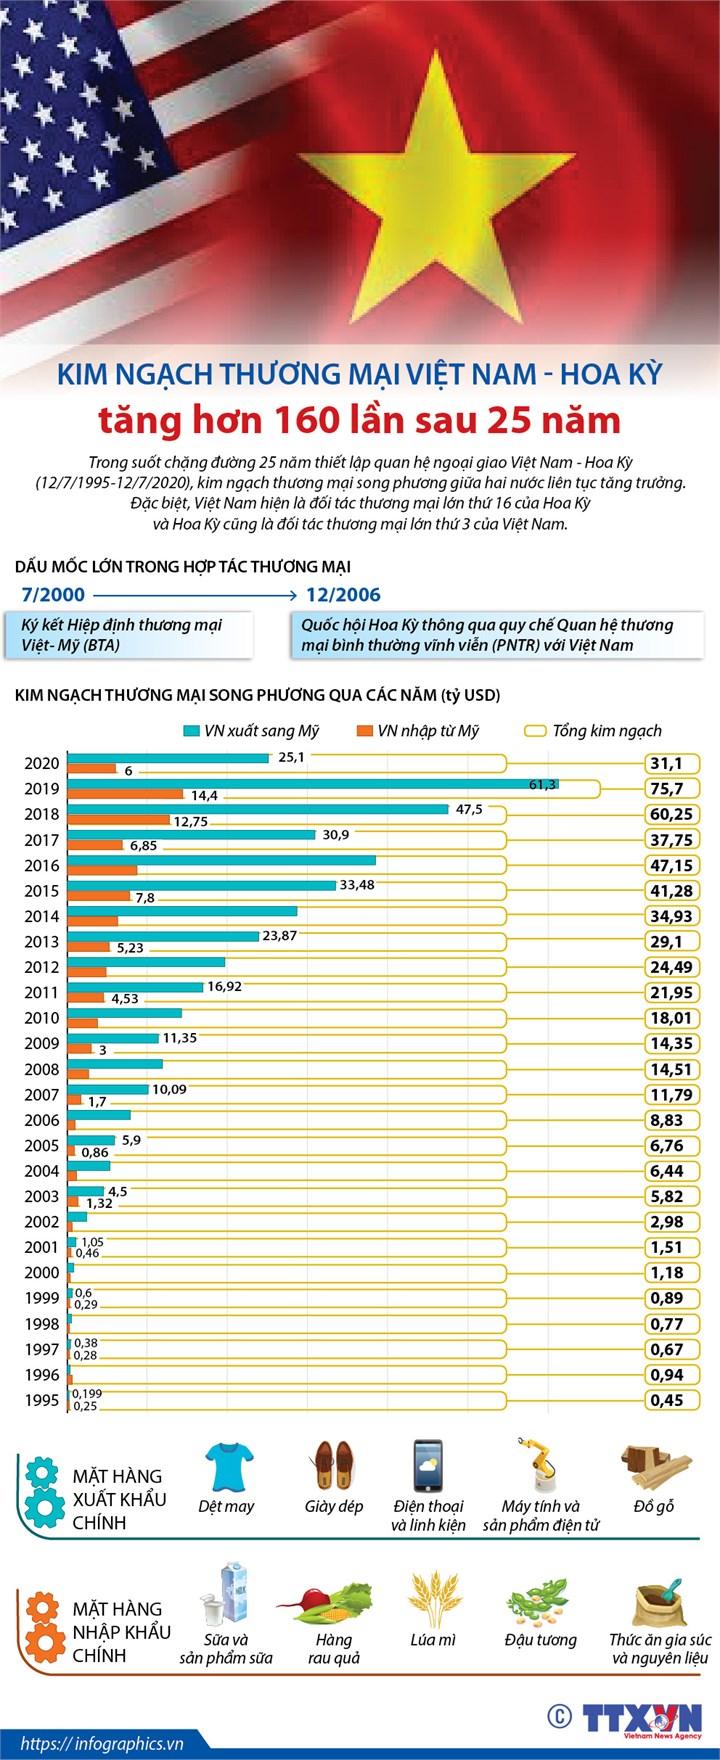 [Infographics] Kim ngạch thương mại Việt Nam - Hoa Kỳ tăng hơn 160 lần sau 25 năm - Ảnh 1